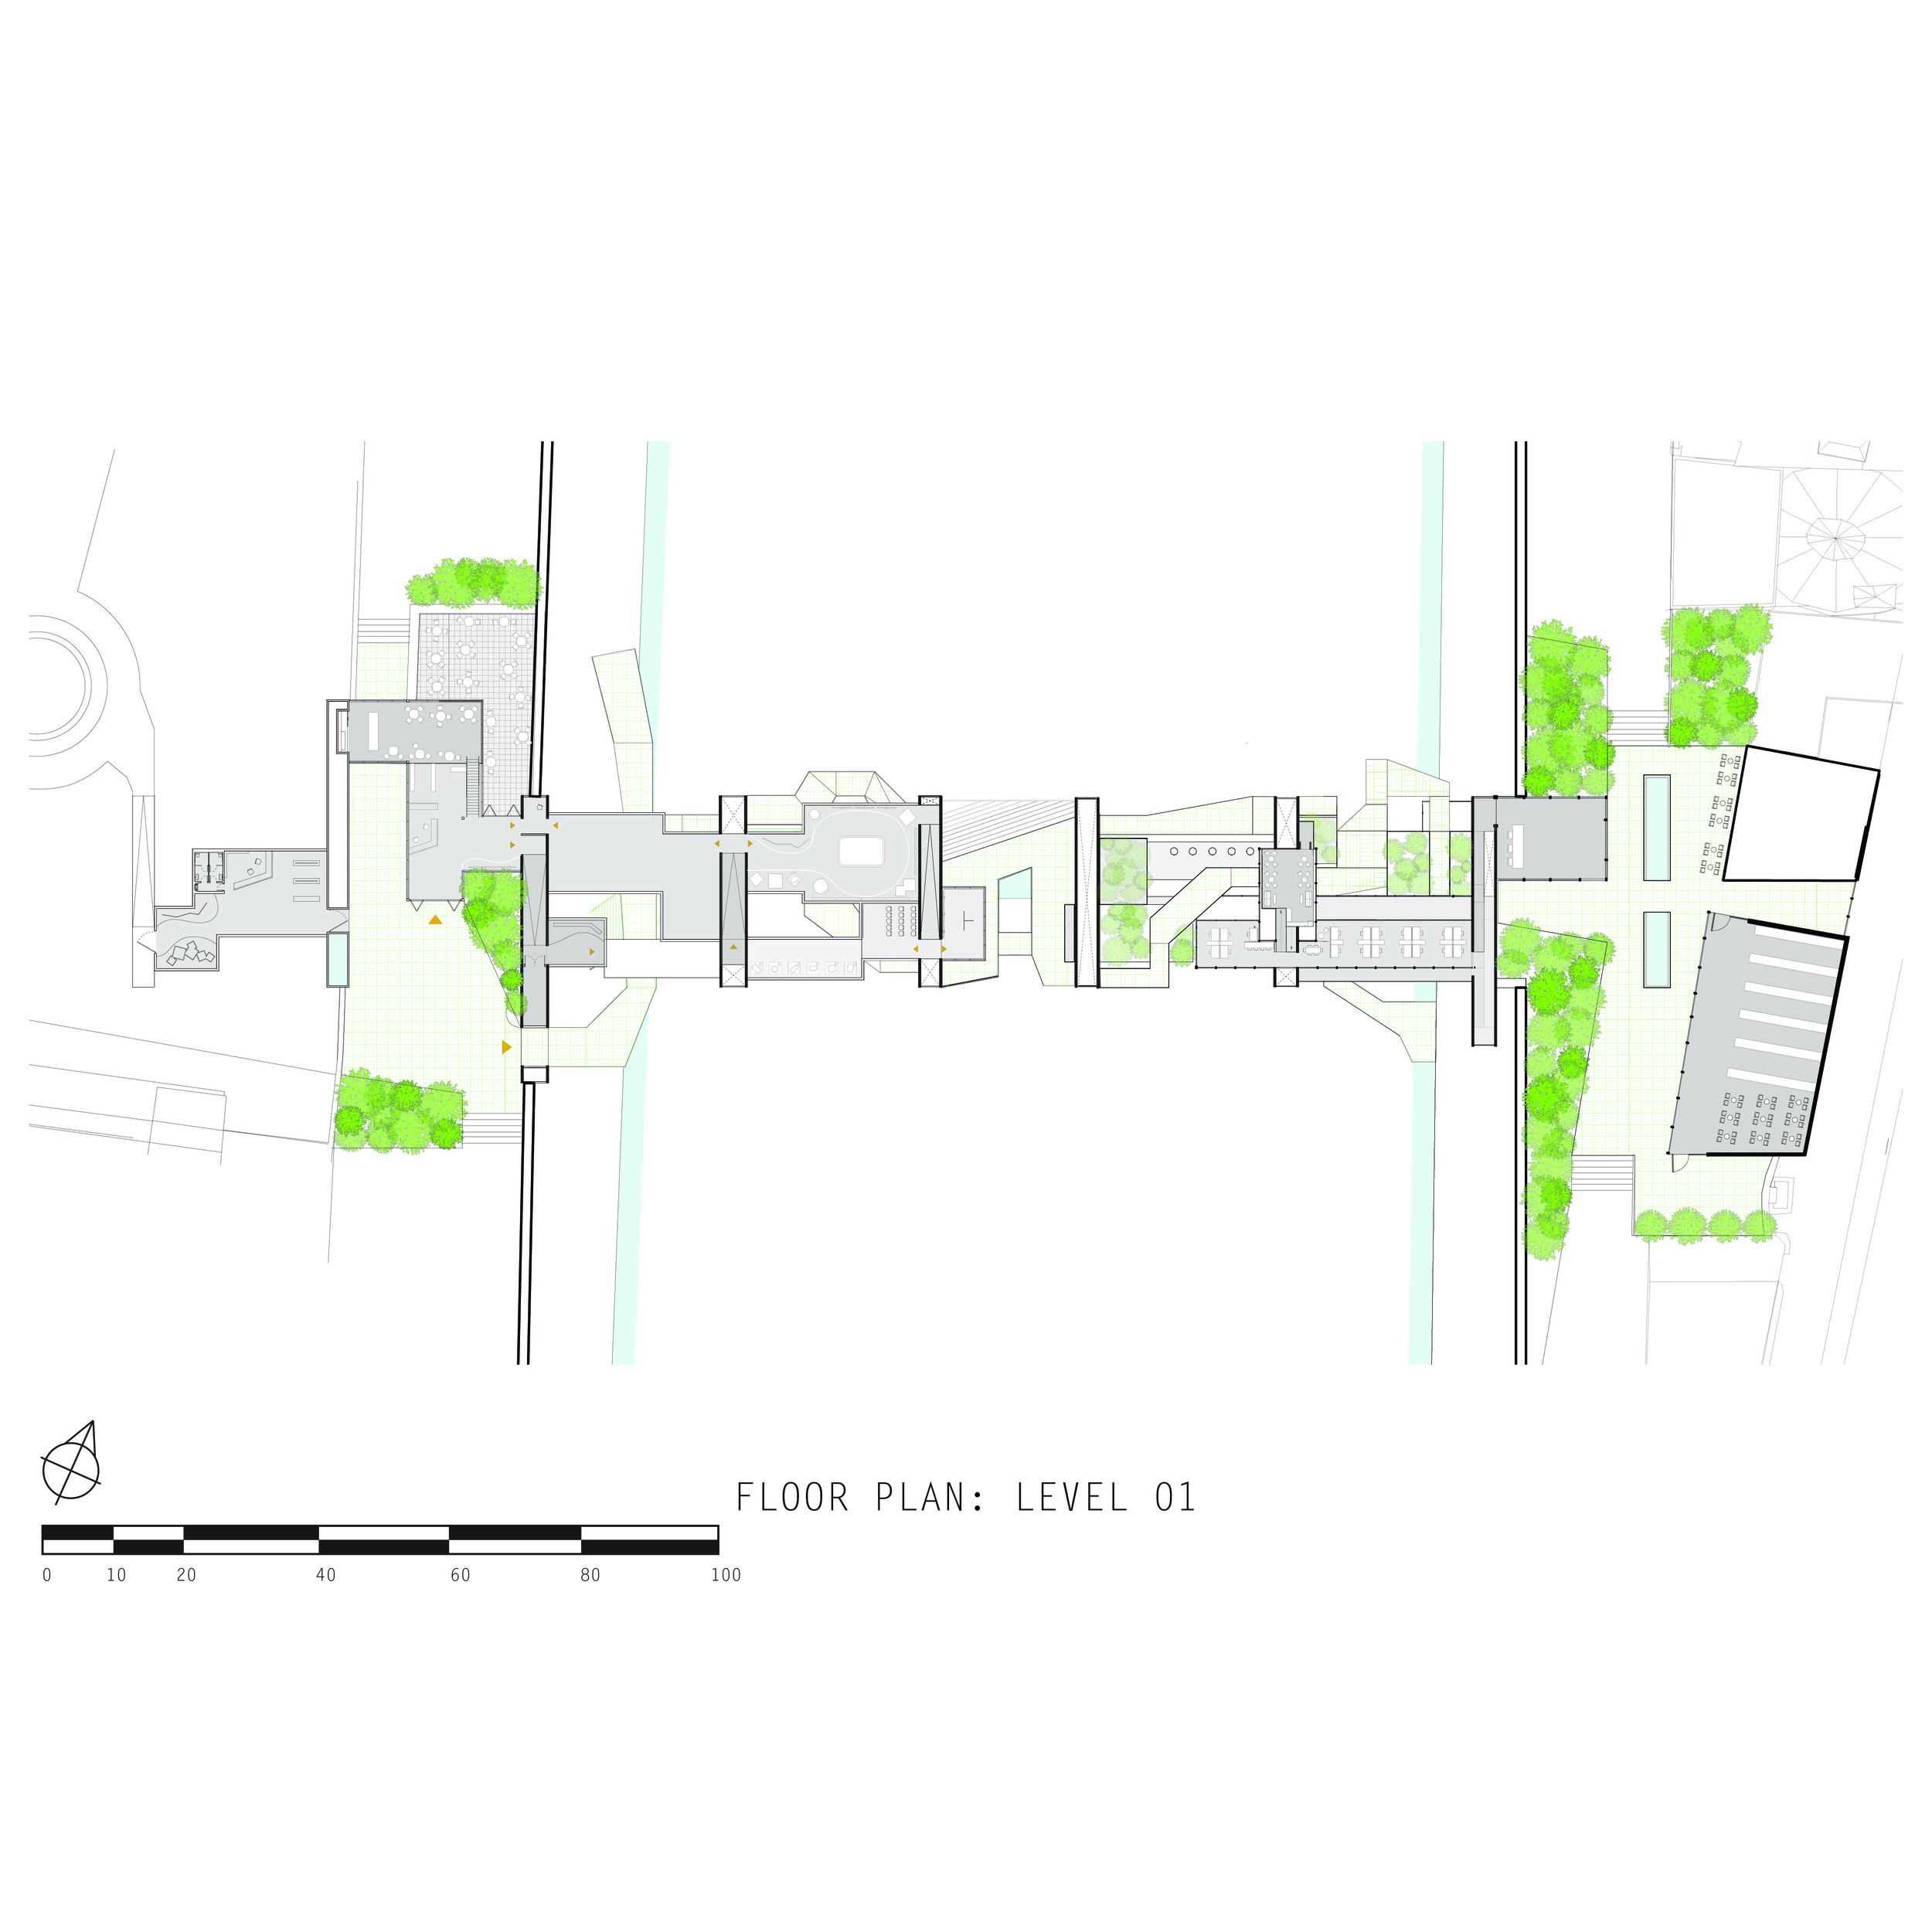 floor plan: level 01 (level of city)